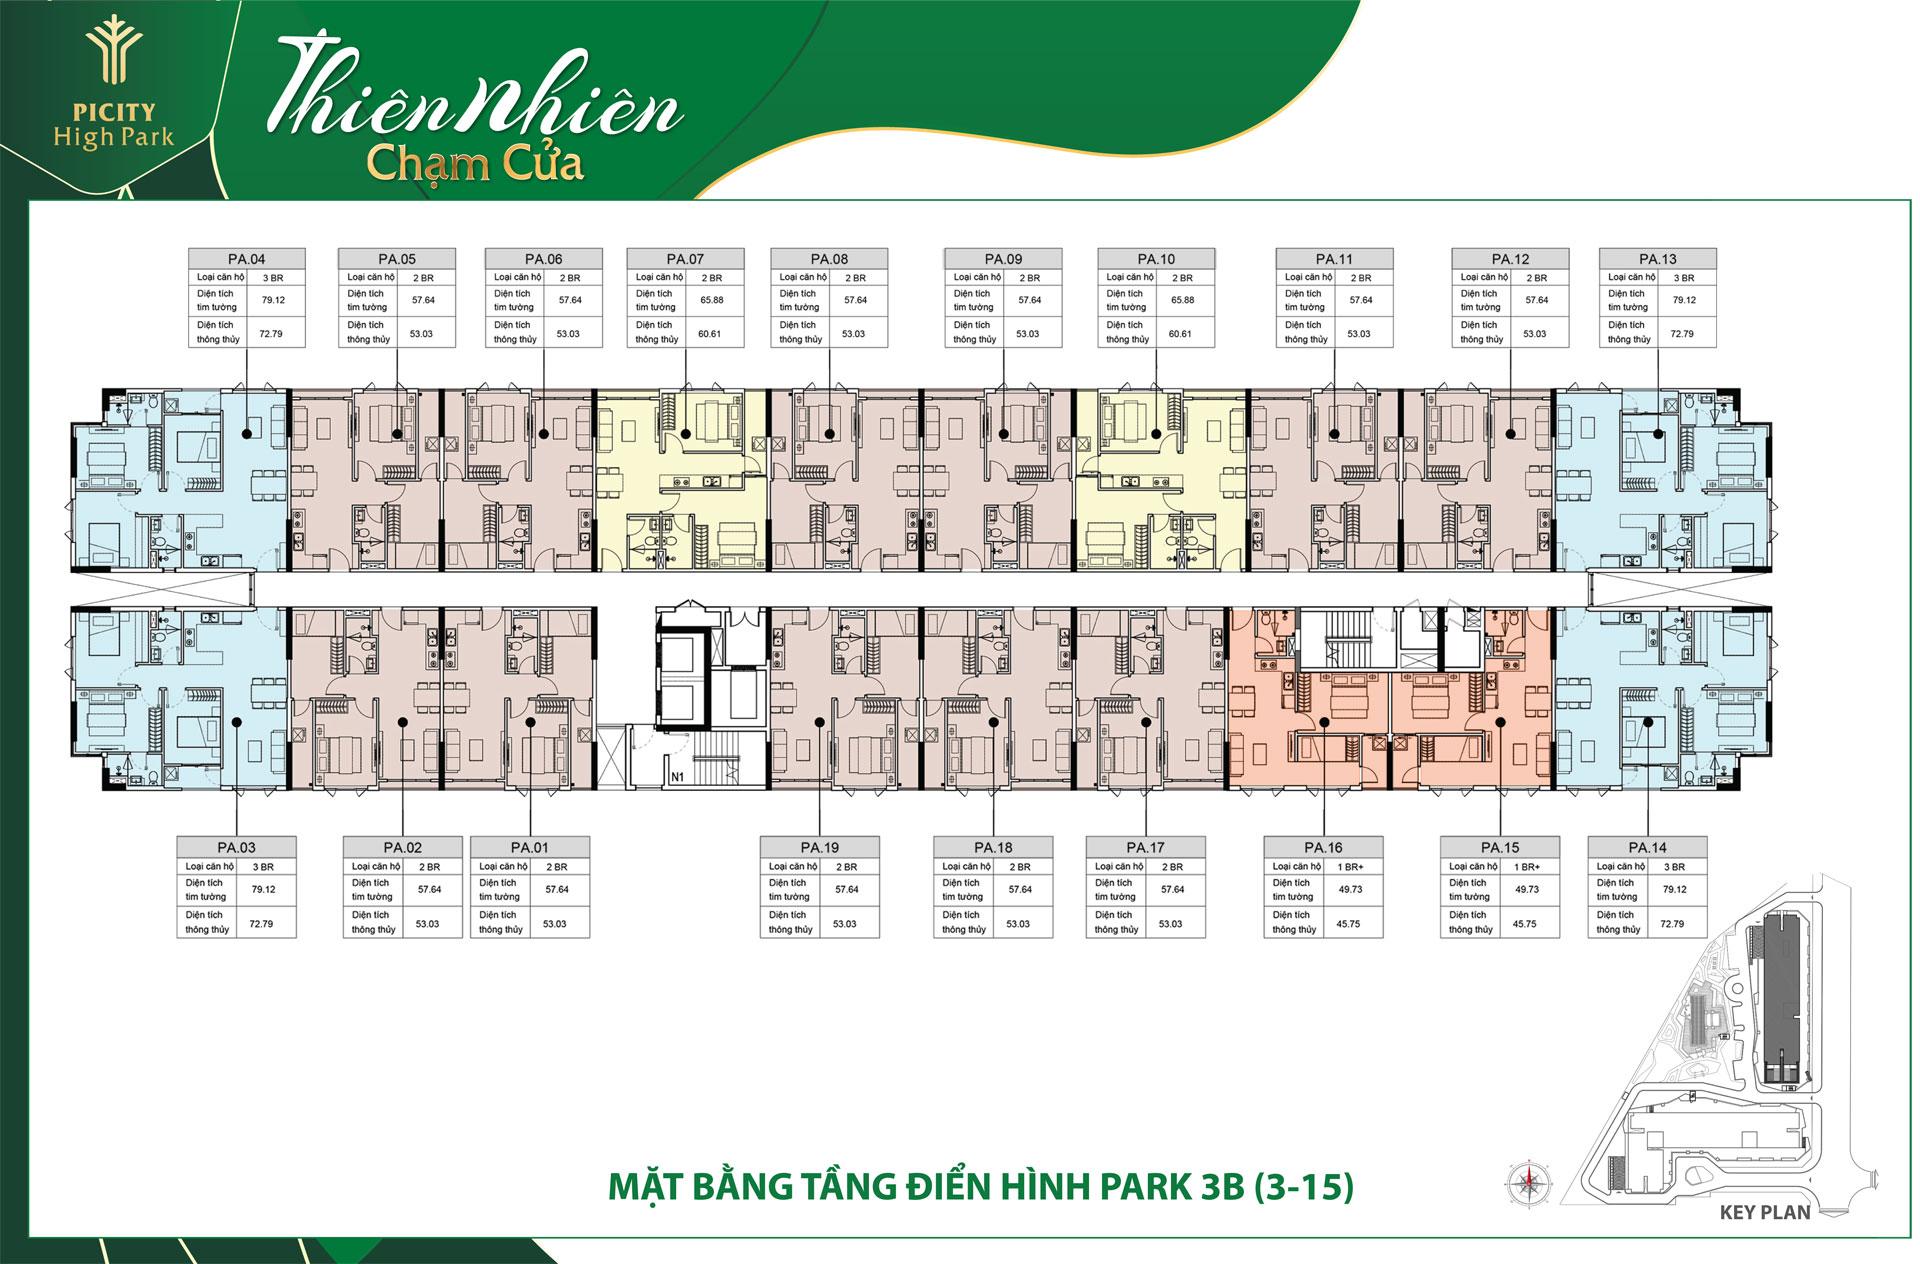 mat bang tang block park 3B picity high park - DỰ ÁN CĂN HỘ PICITY HIGH PARK THẠNH XUÂN QUẬN 12